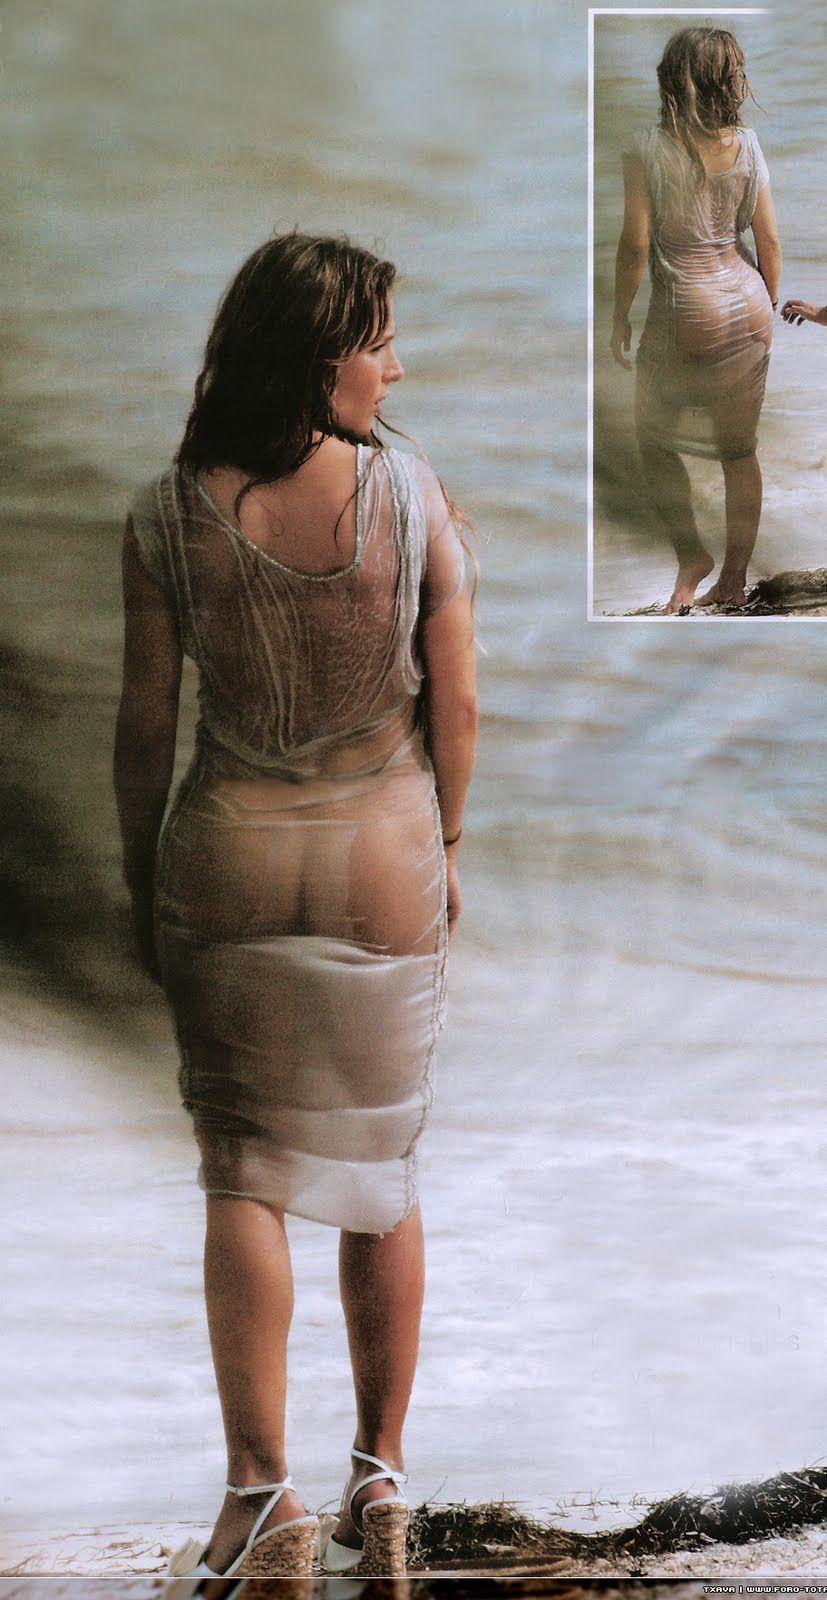 Young Ass Elsa Pataky  naked (83 pics), iCloud, braless